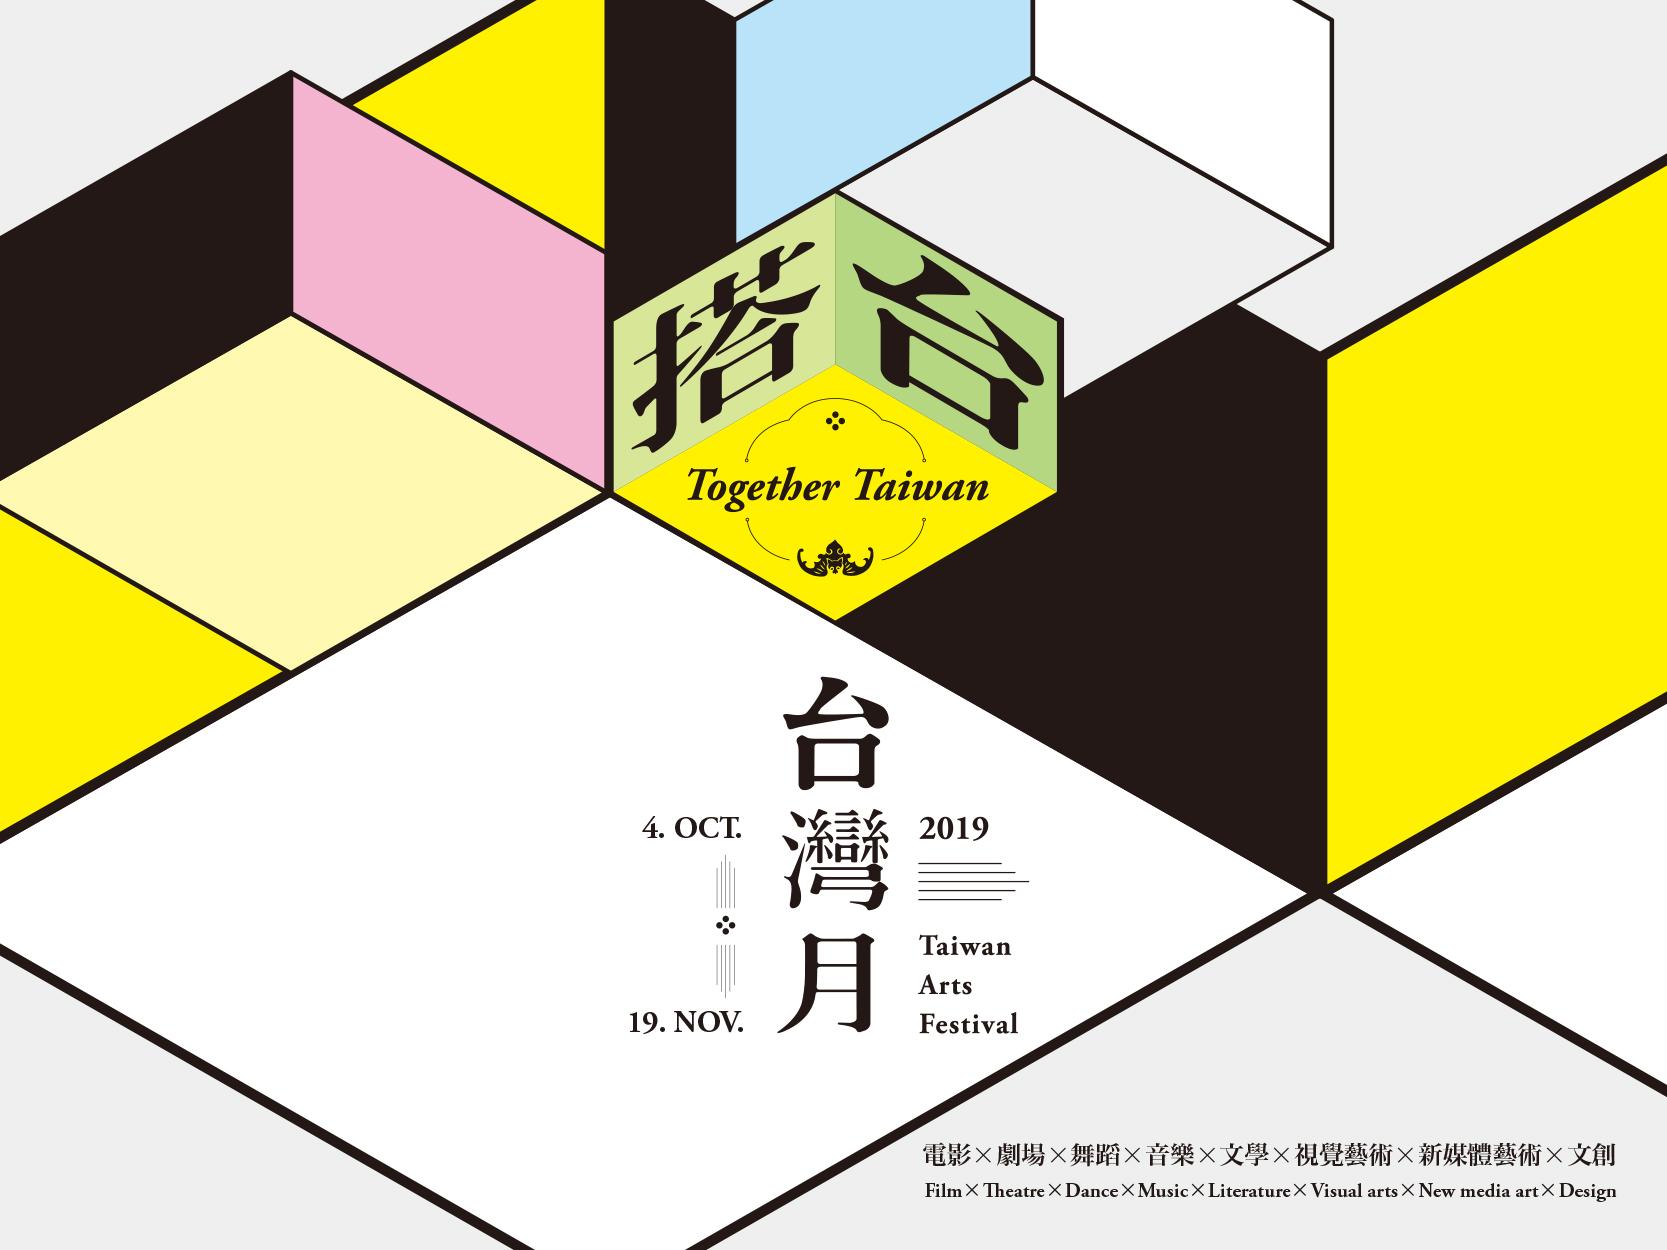 2019台灣月|搭台 Together Taiwan